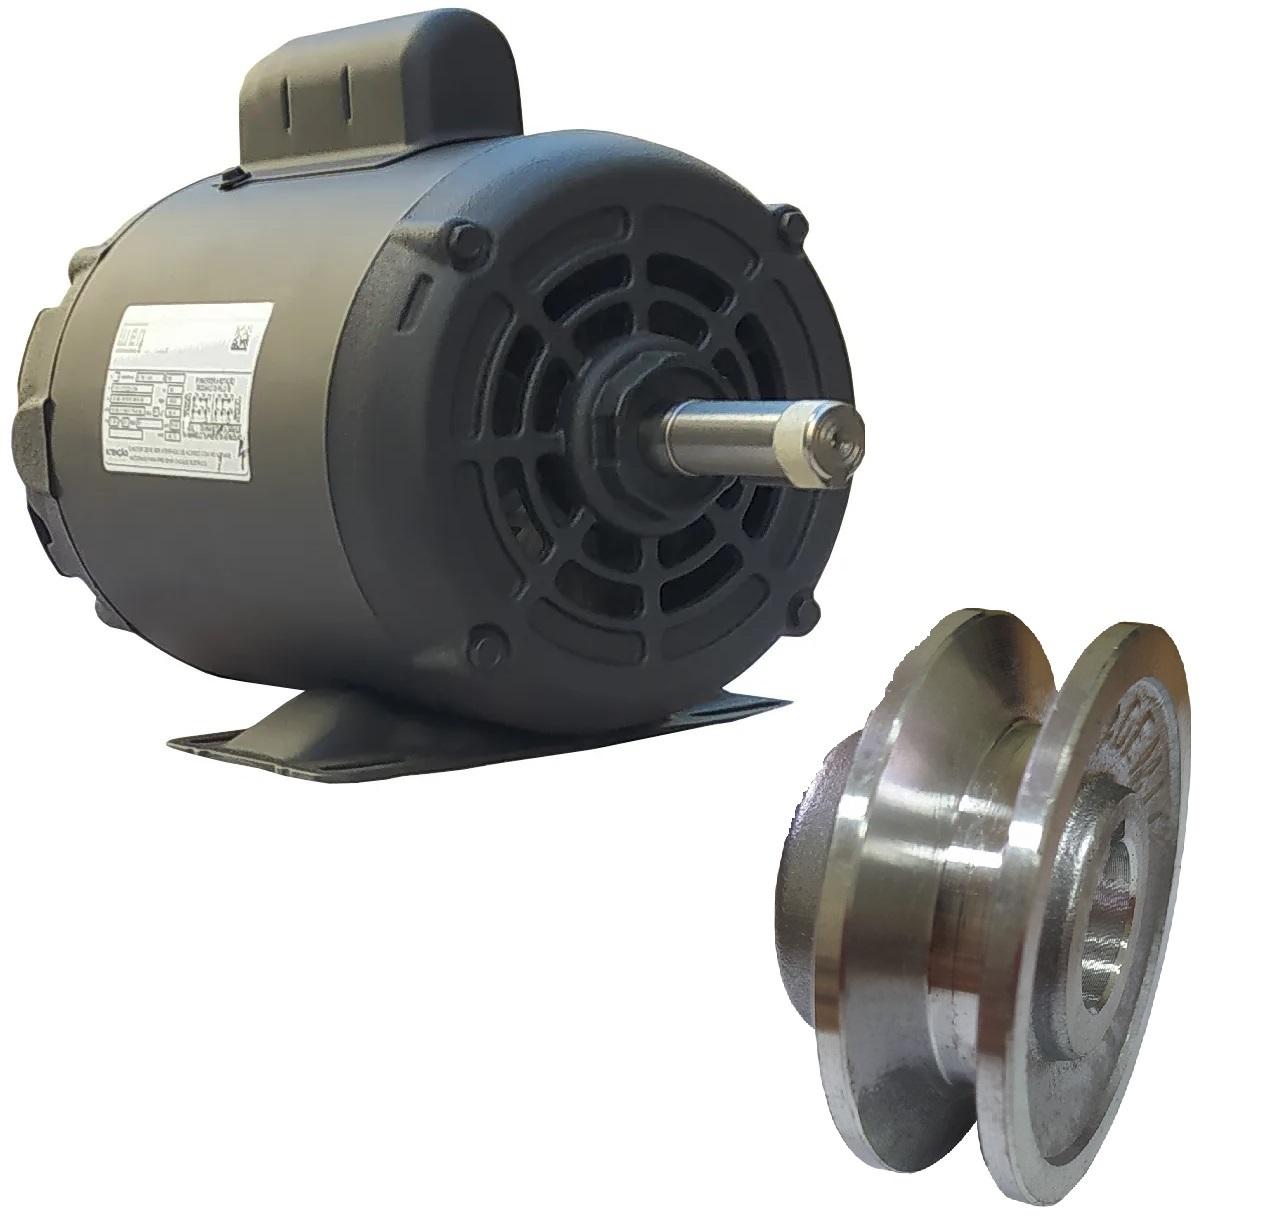 Motor Elétrico Monofásico 1cv 4 Polos 110/220 Baixa Rotação Weg Betoneira Com Polia 1 Canal A